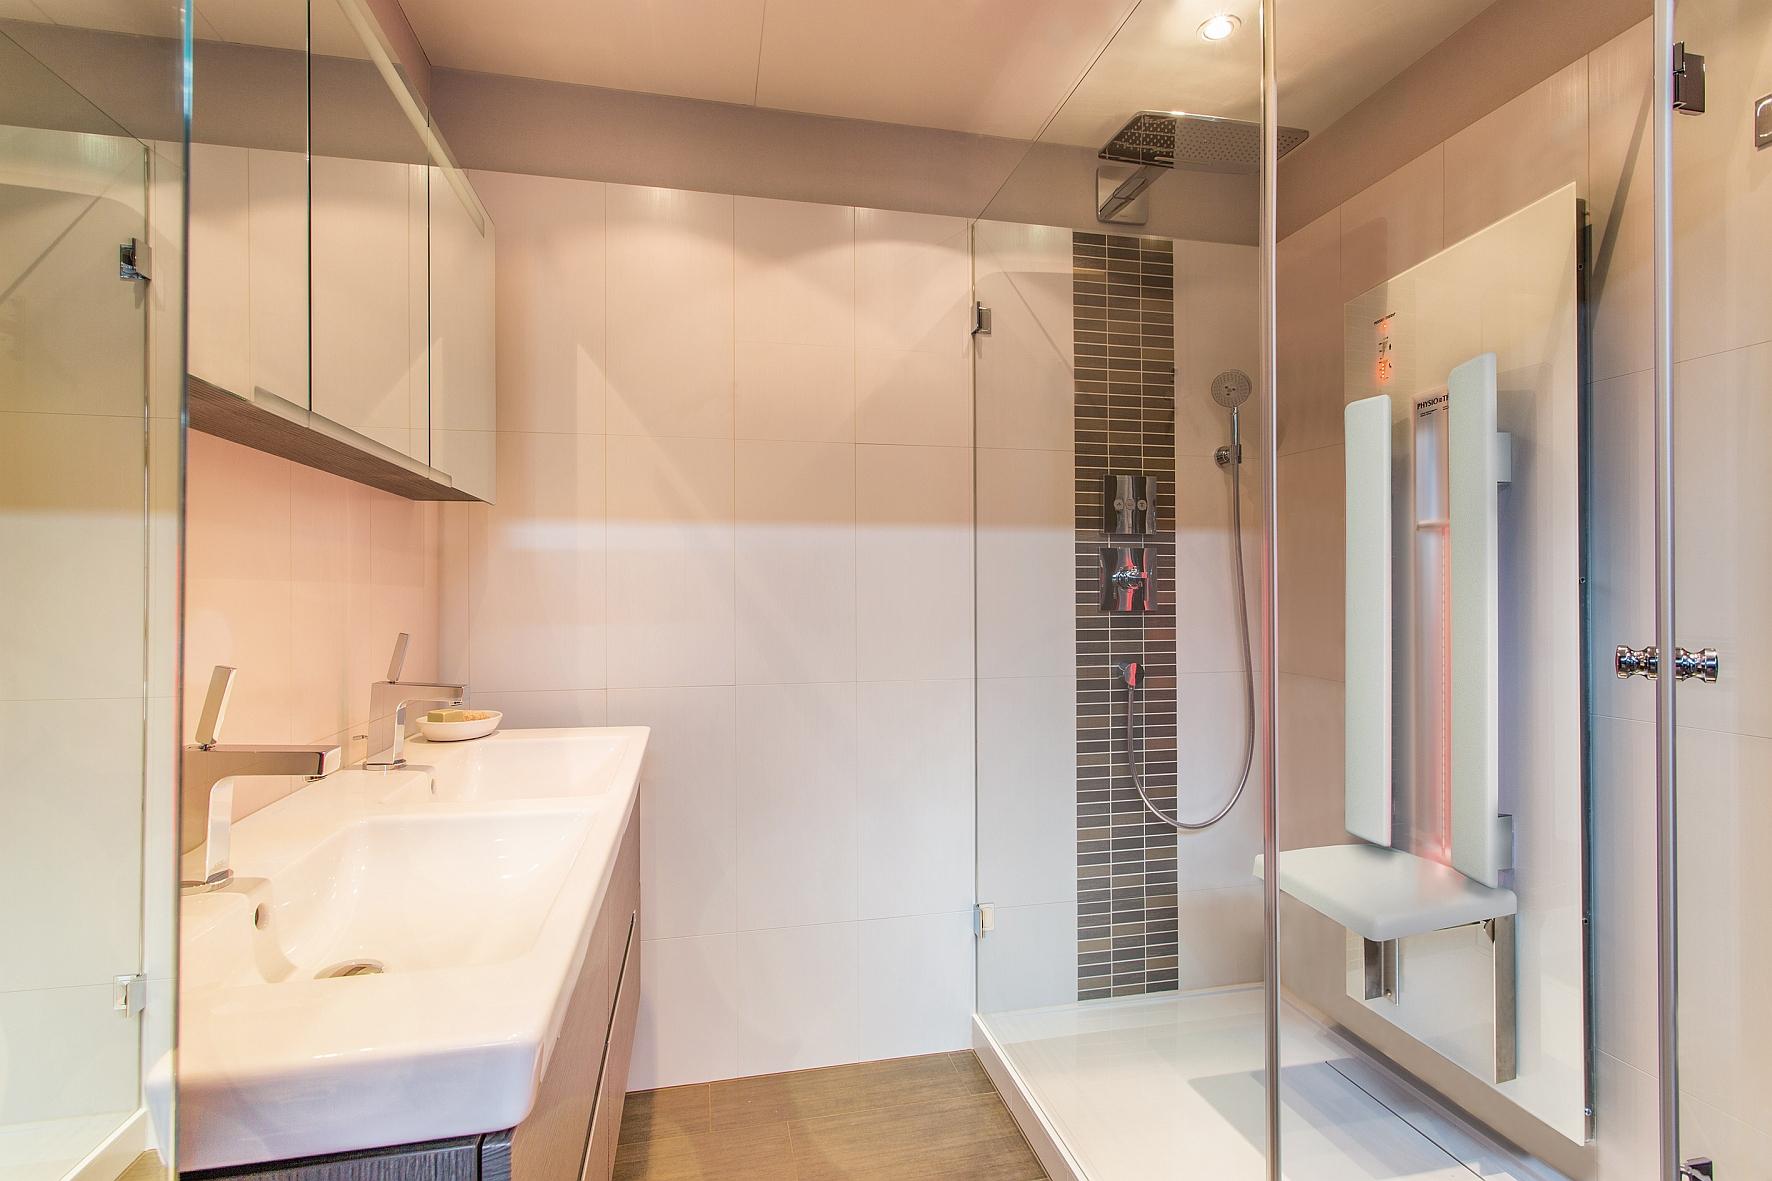 shk profi themen bad design wannen duschen vertriebskooperation duschwelten. Black Bedroom Furniture Sets. Home Design Ideas